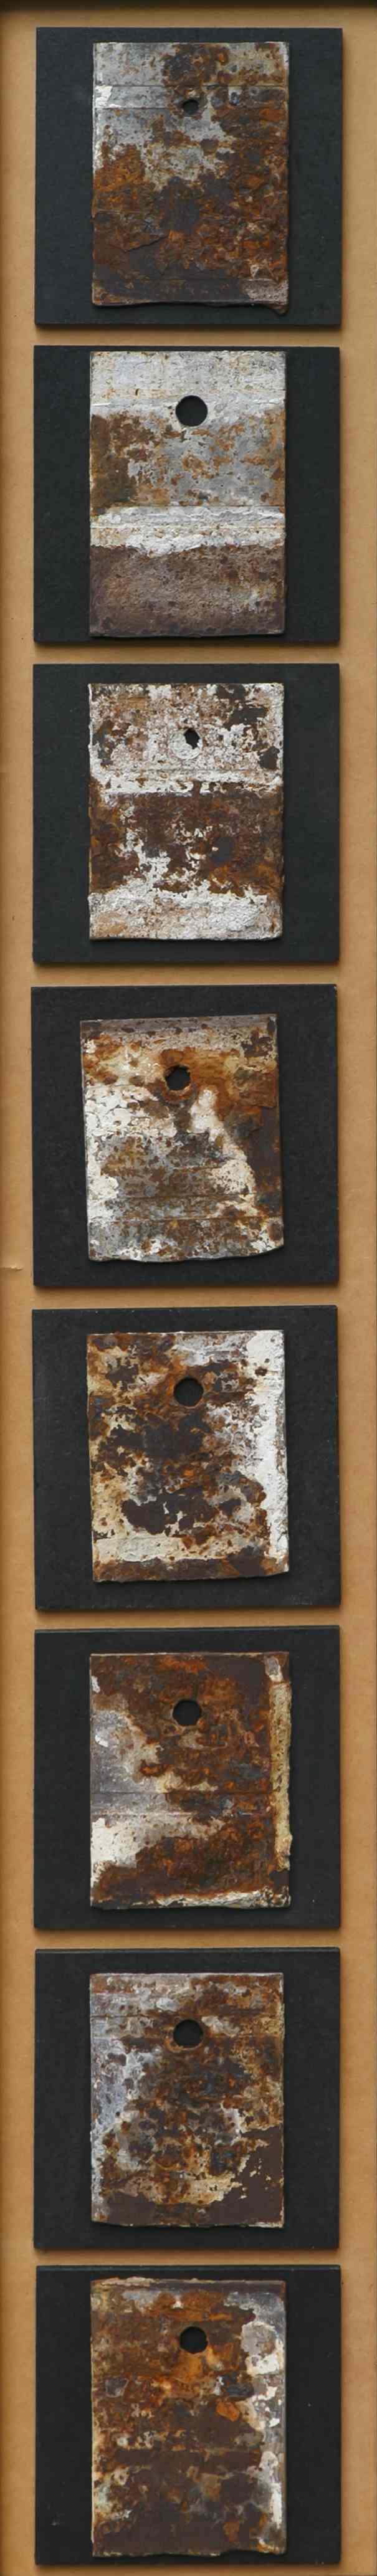 Itinerari dello sguardo, ferro corroso, malta, su tavola, 175x27, 1995